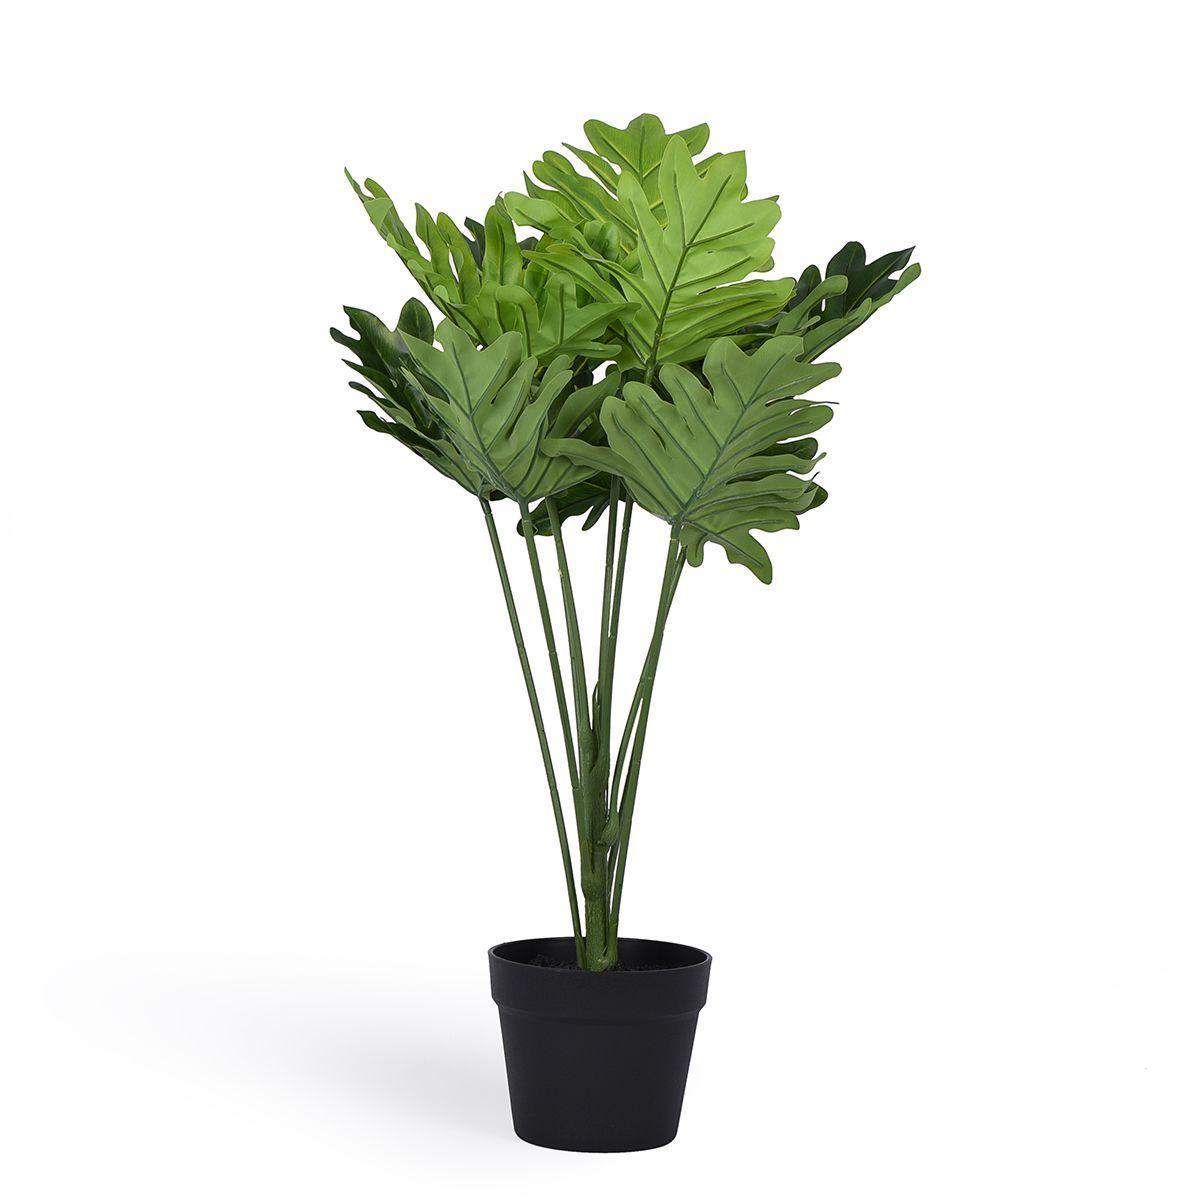 Искусственное дерево Филодендрона Ксанаду в горшке